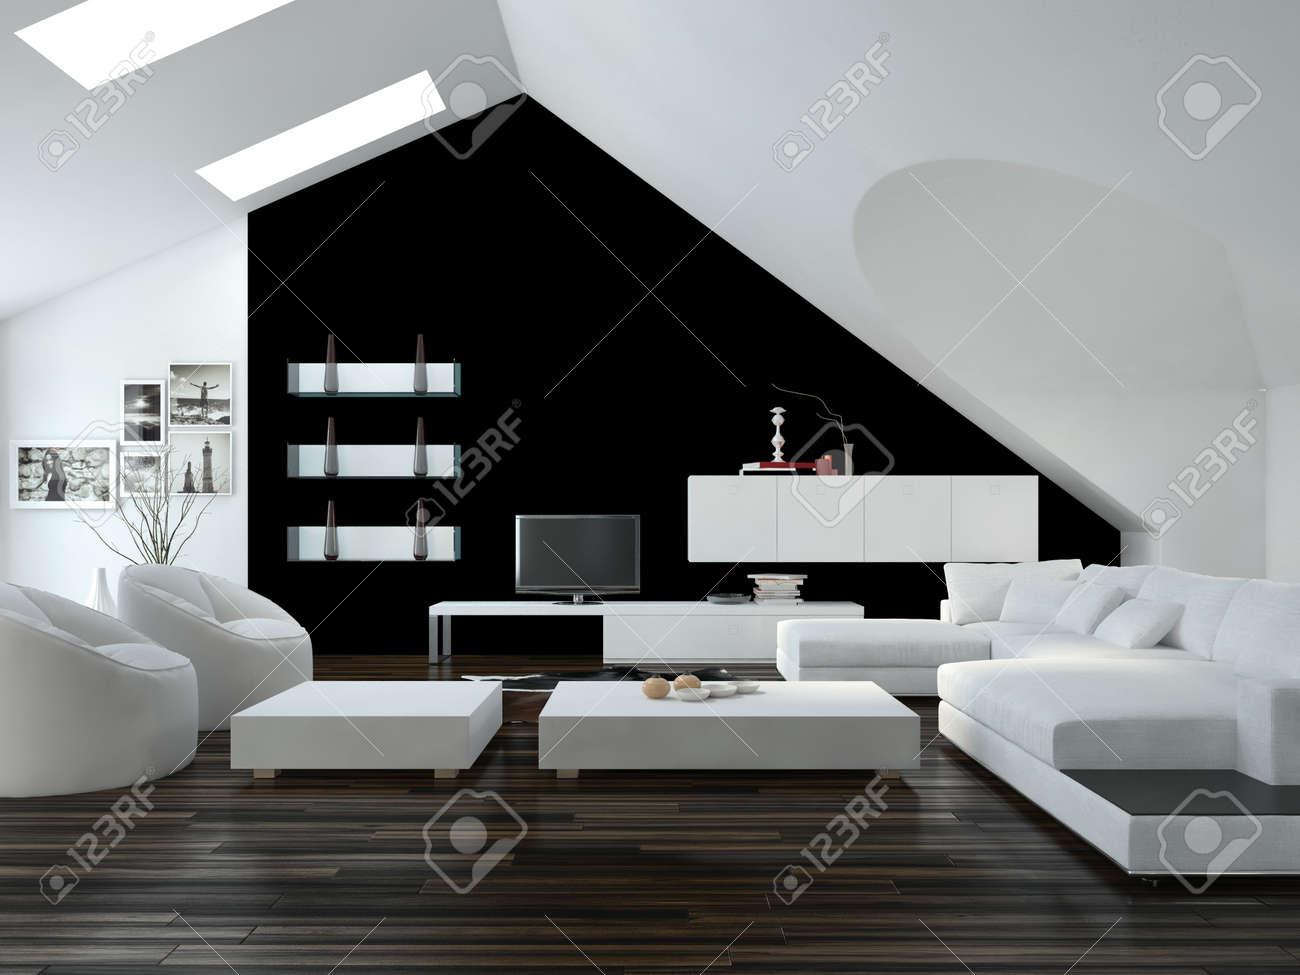 Modernes Design Loft Wohnzimmer Innenraum Mit Oberlichtern In Der